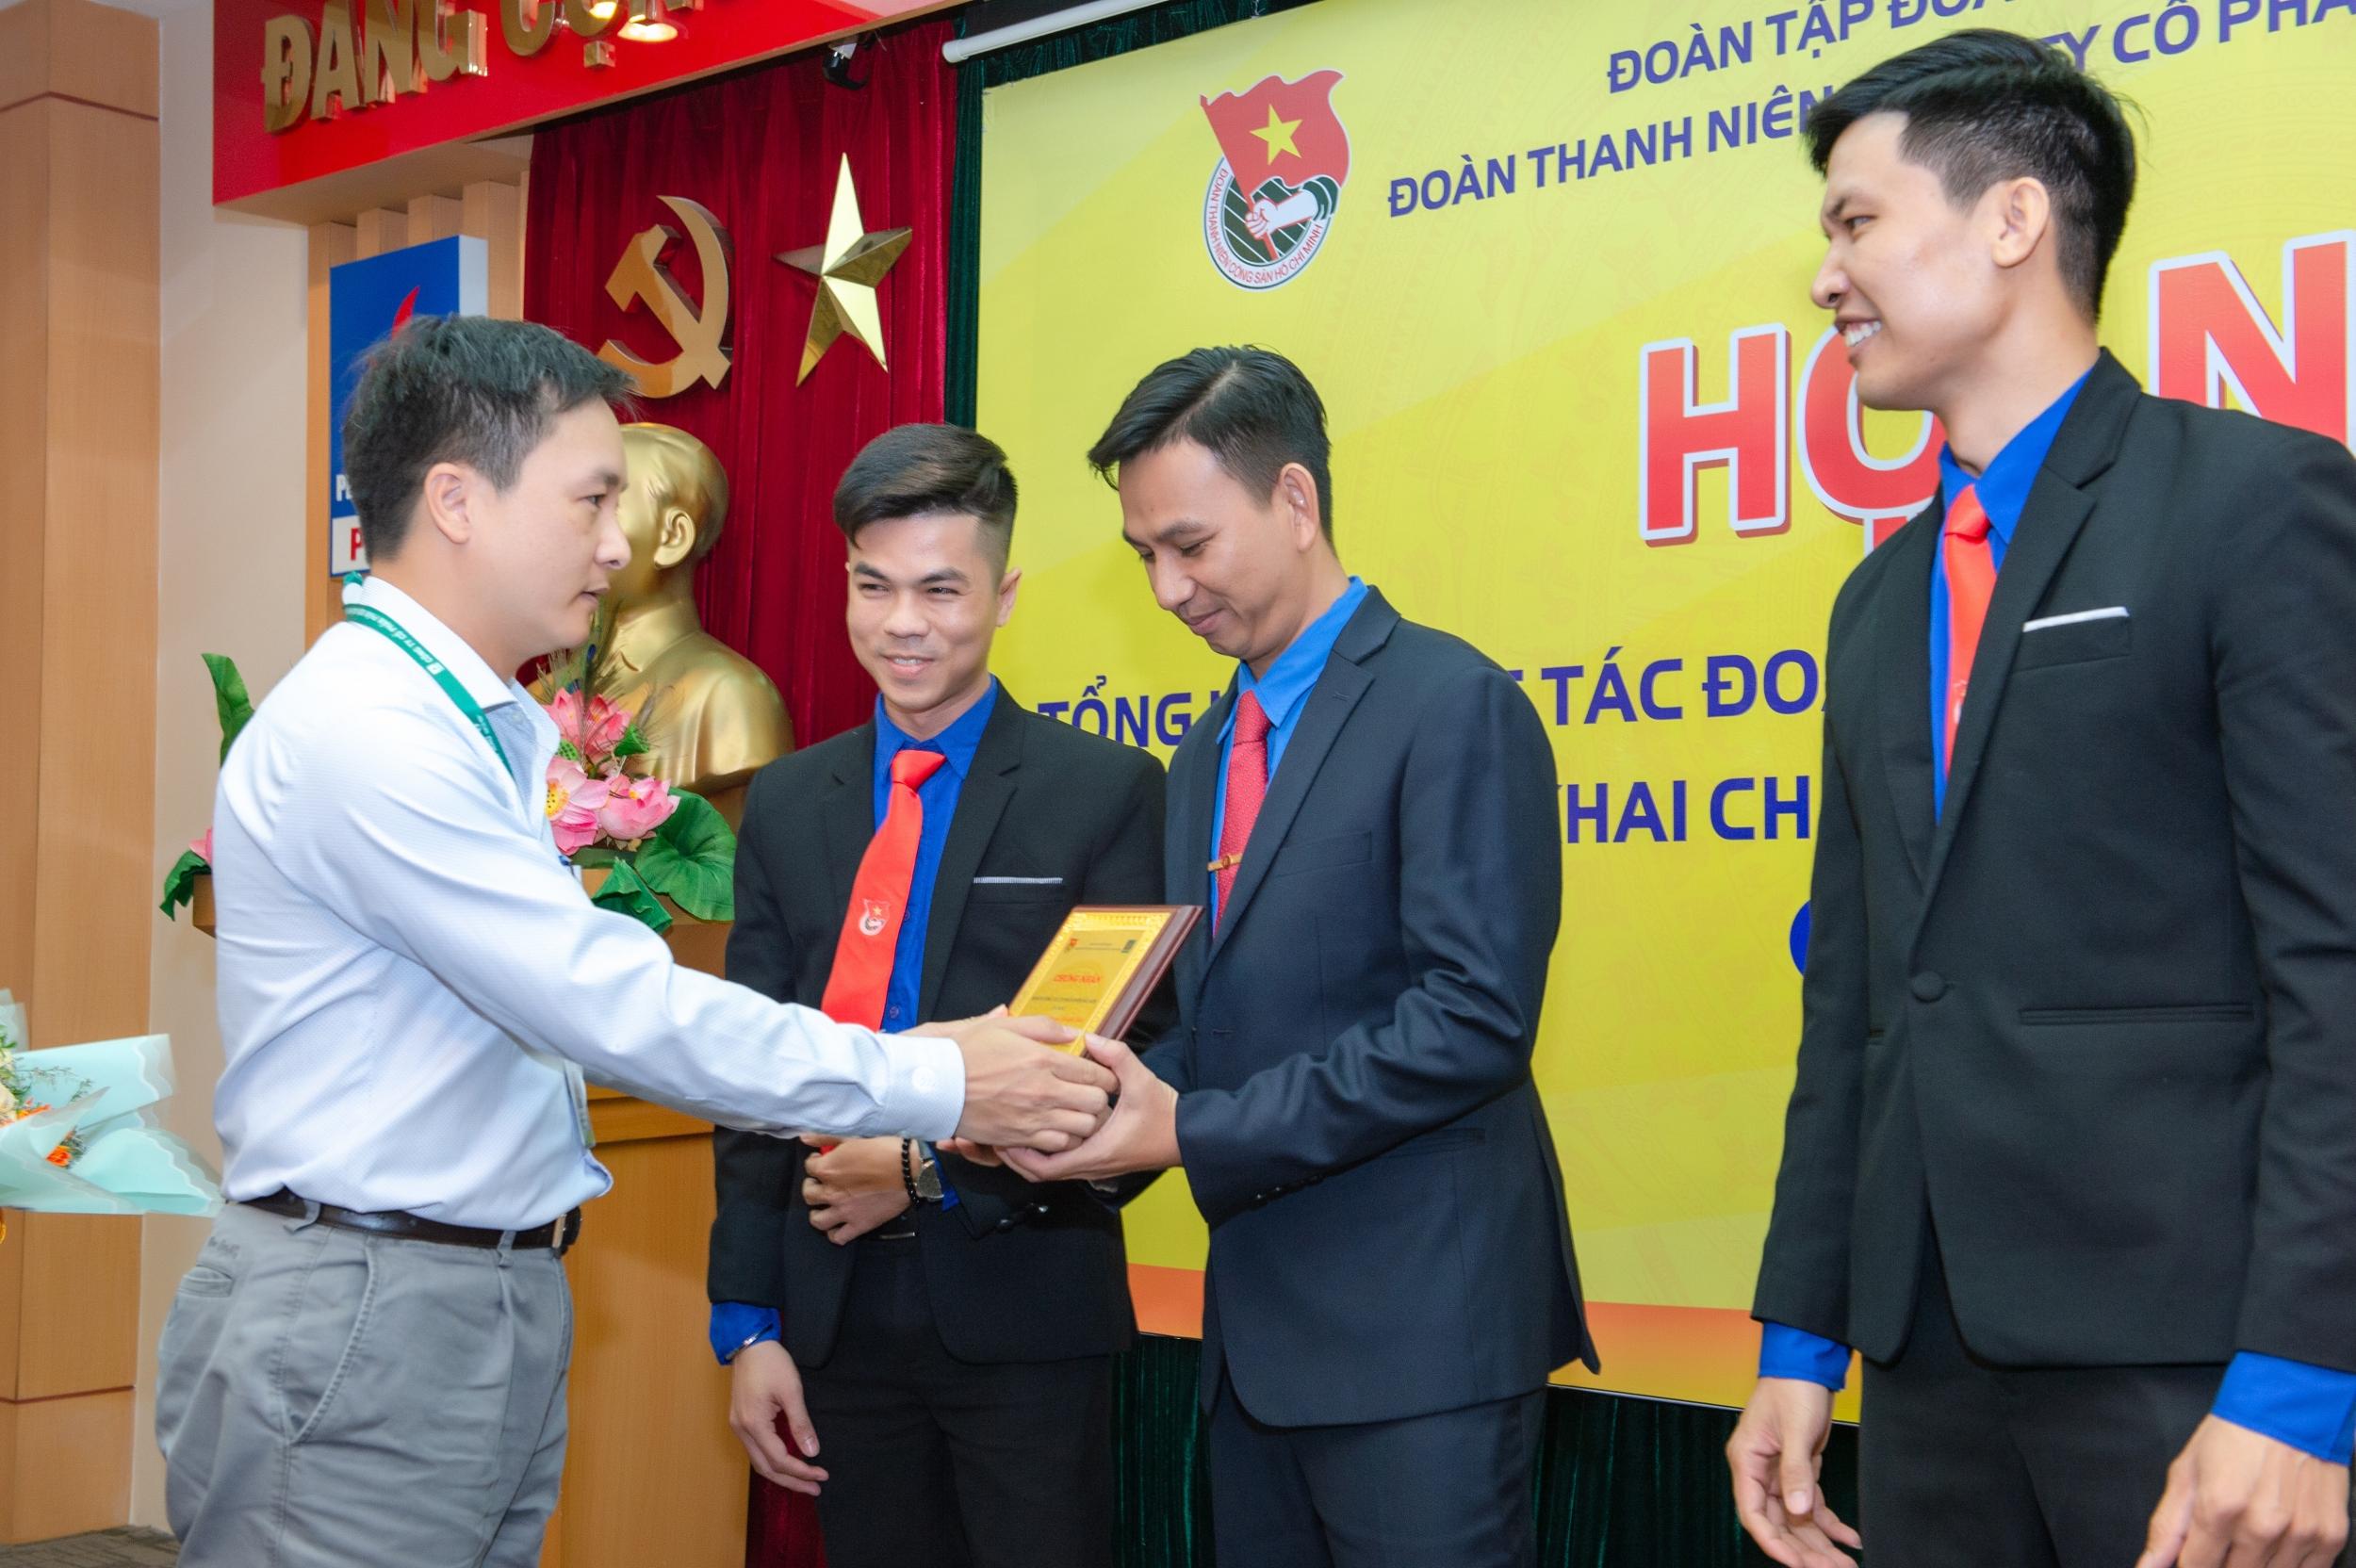 Lãnh đạo Công ty trao tặng bằng khen cho Ban thường vụ Đoàn thanh niên Công ty